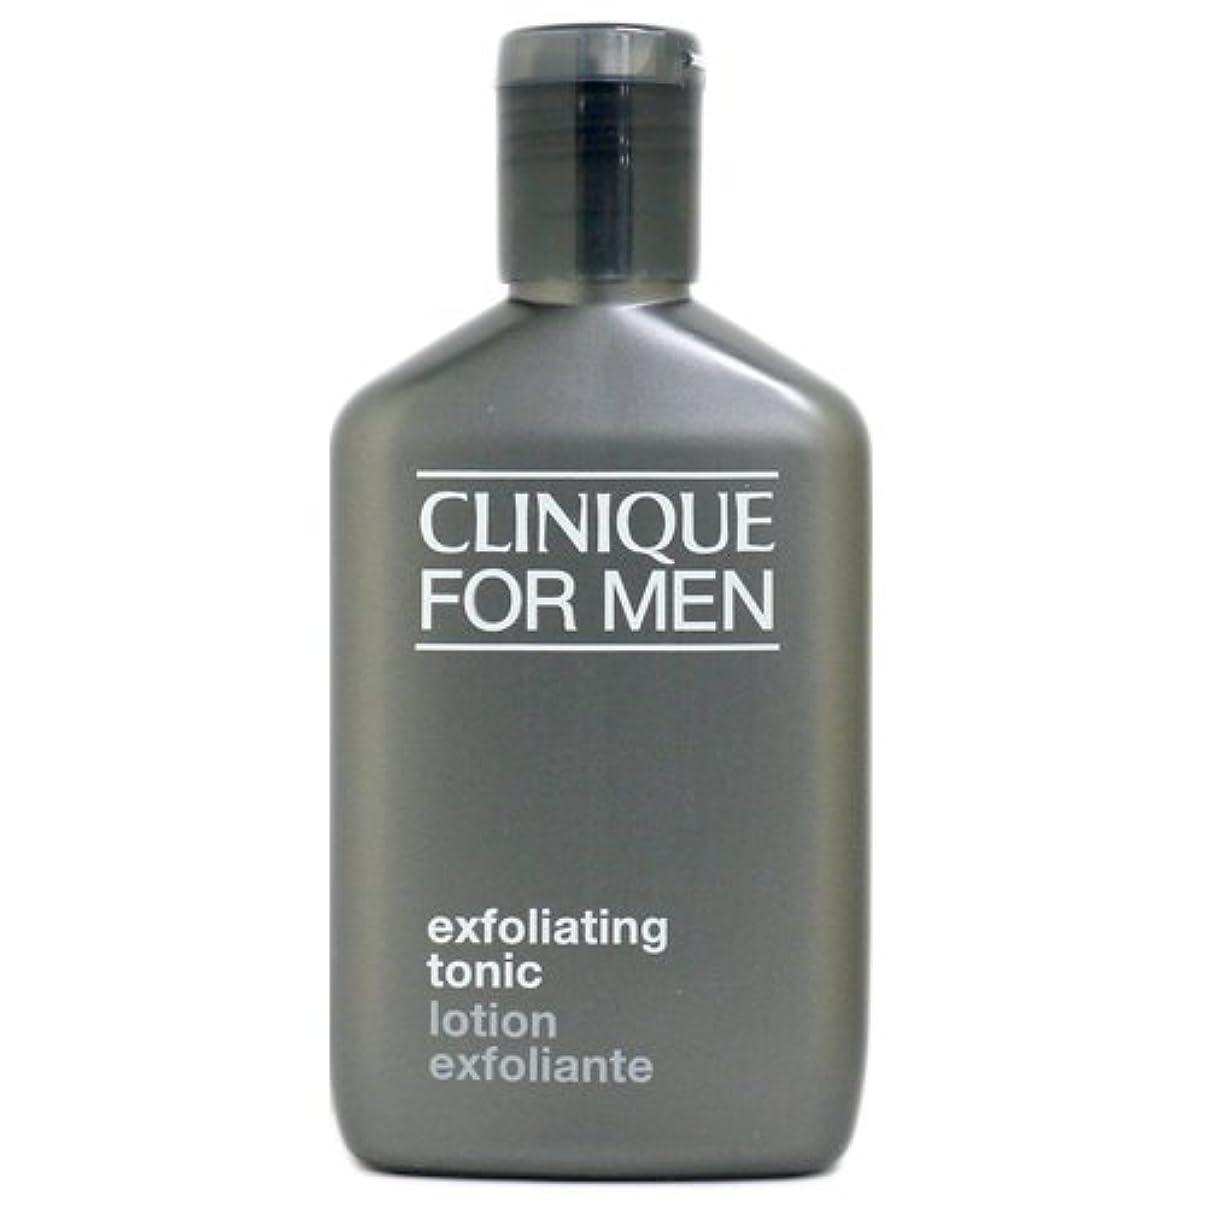 起こりやすい驚き多くの危険がある状況クリニークフォーメン(CLINIQUE FOR MEN) エクスフォリエーティング トニック 200ml[並行輸入品]